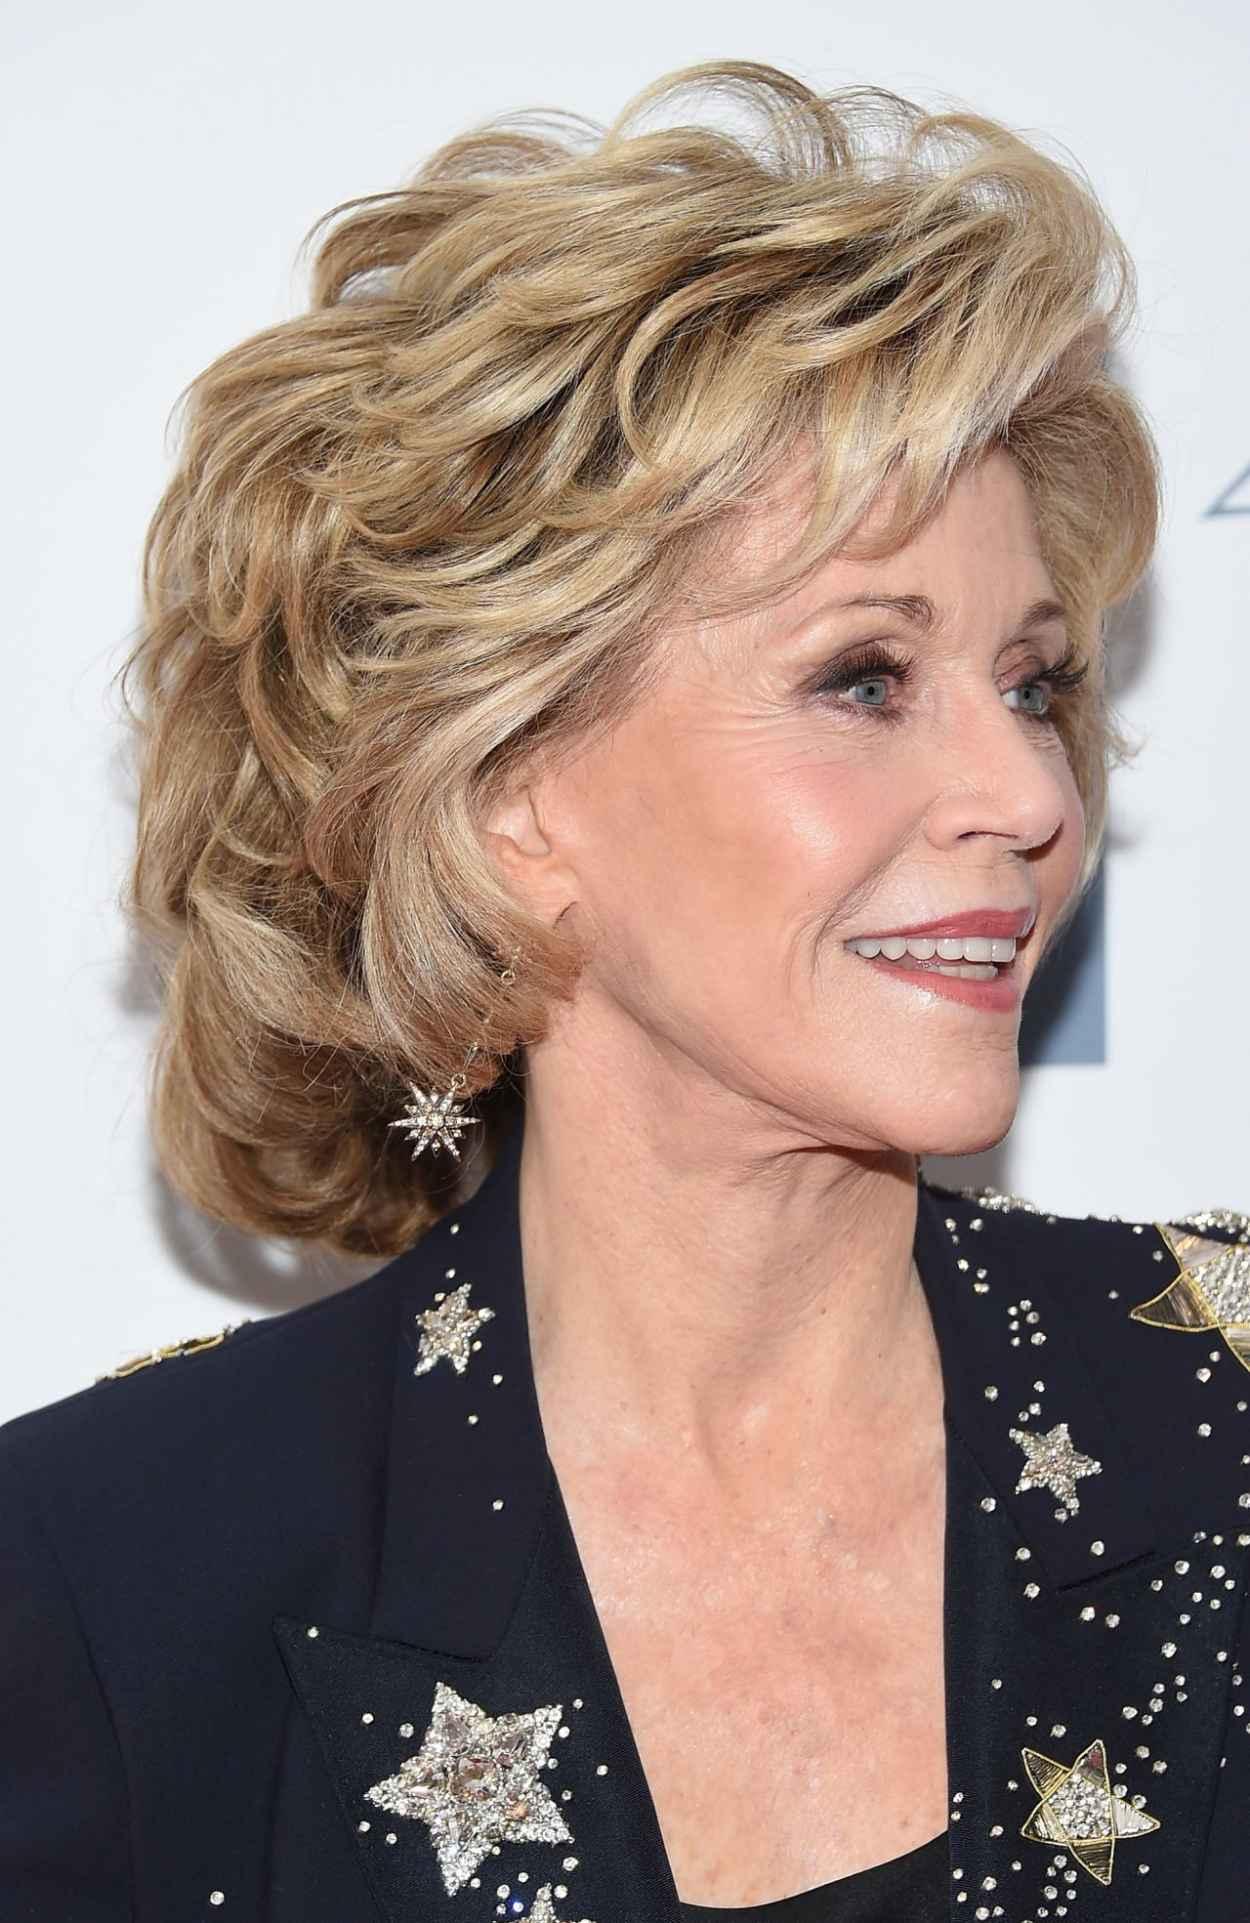 Jane Fonda 2015 Chaplin Award Gala In New York City